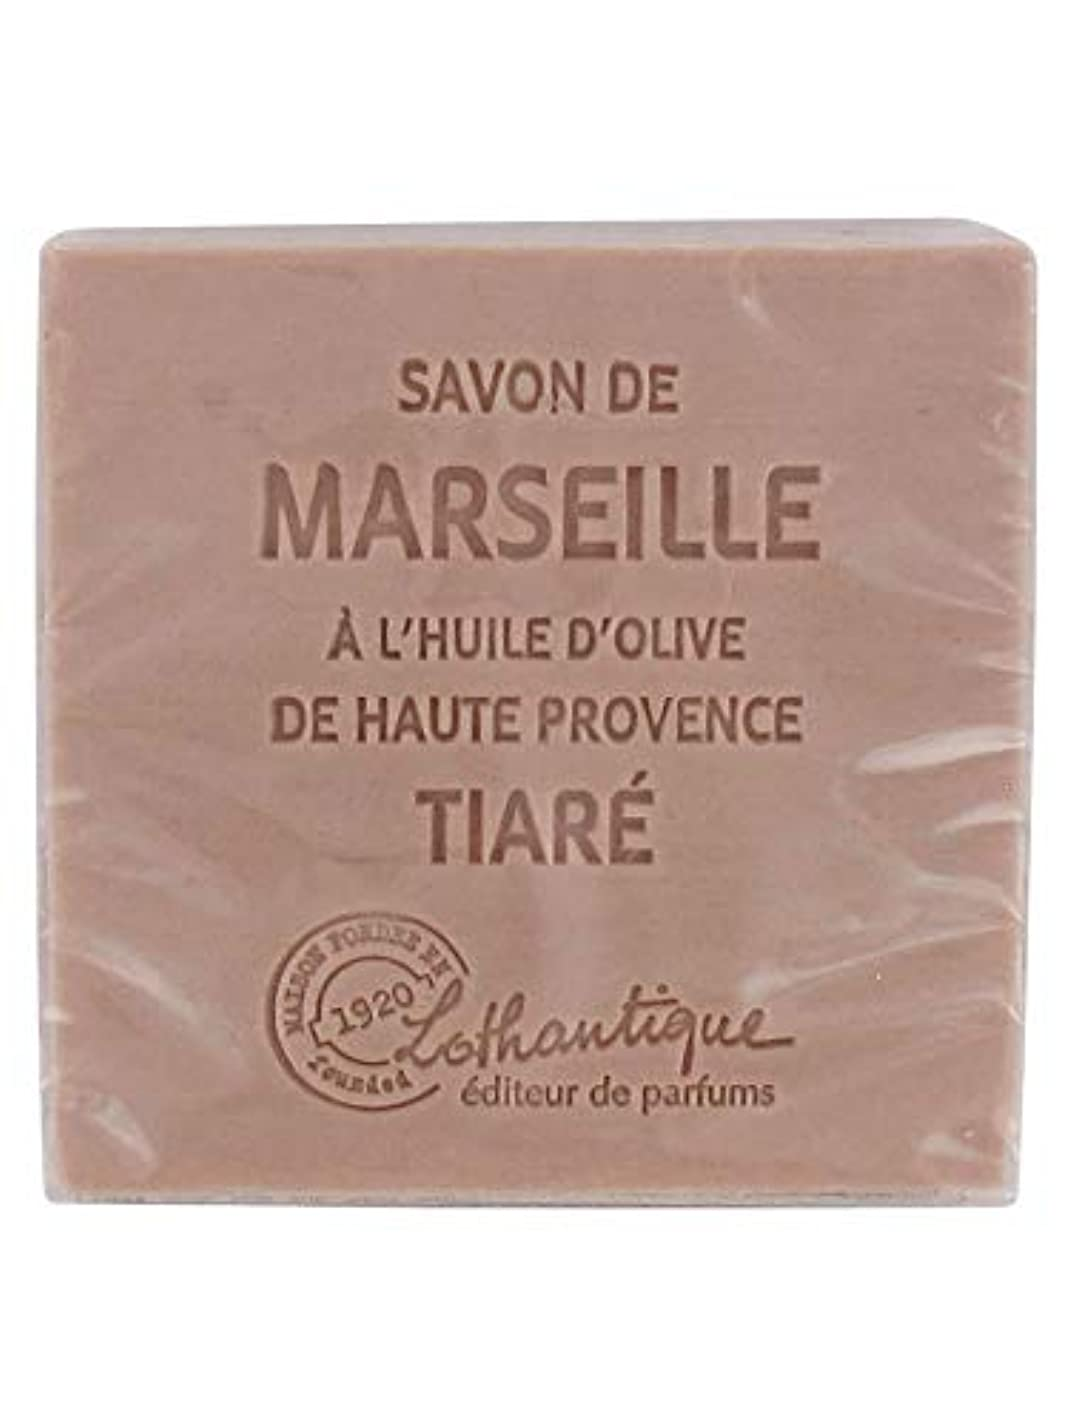 カッターうがい薬高めるLothantique(ロタンティック) Les savons de Marseille(マルセイユソープ) マルセイユソープ 100g 「ティアラ」 3420070038098